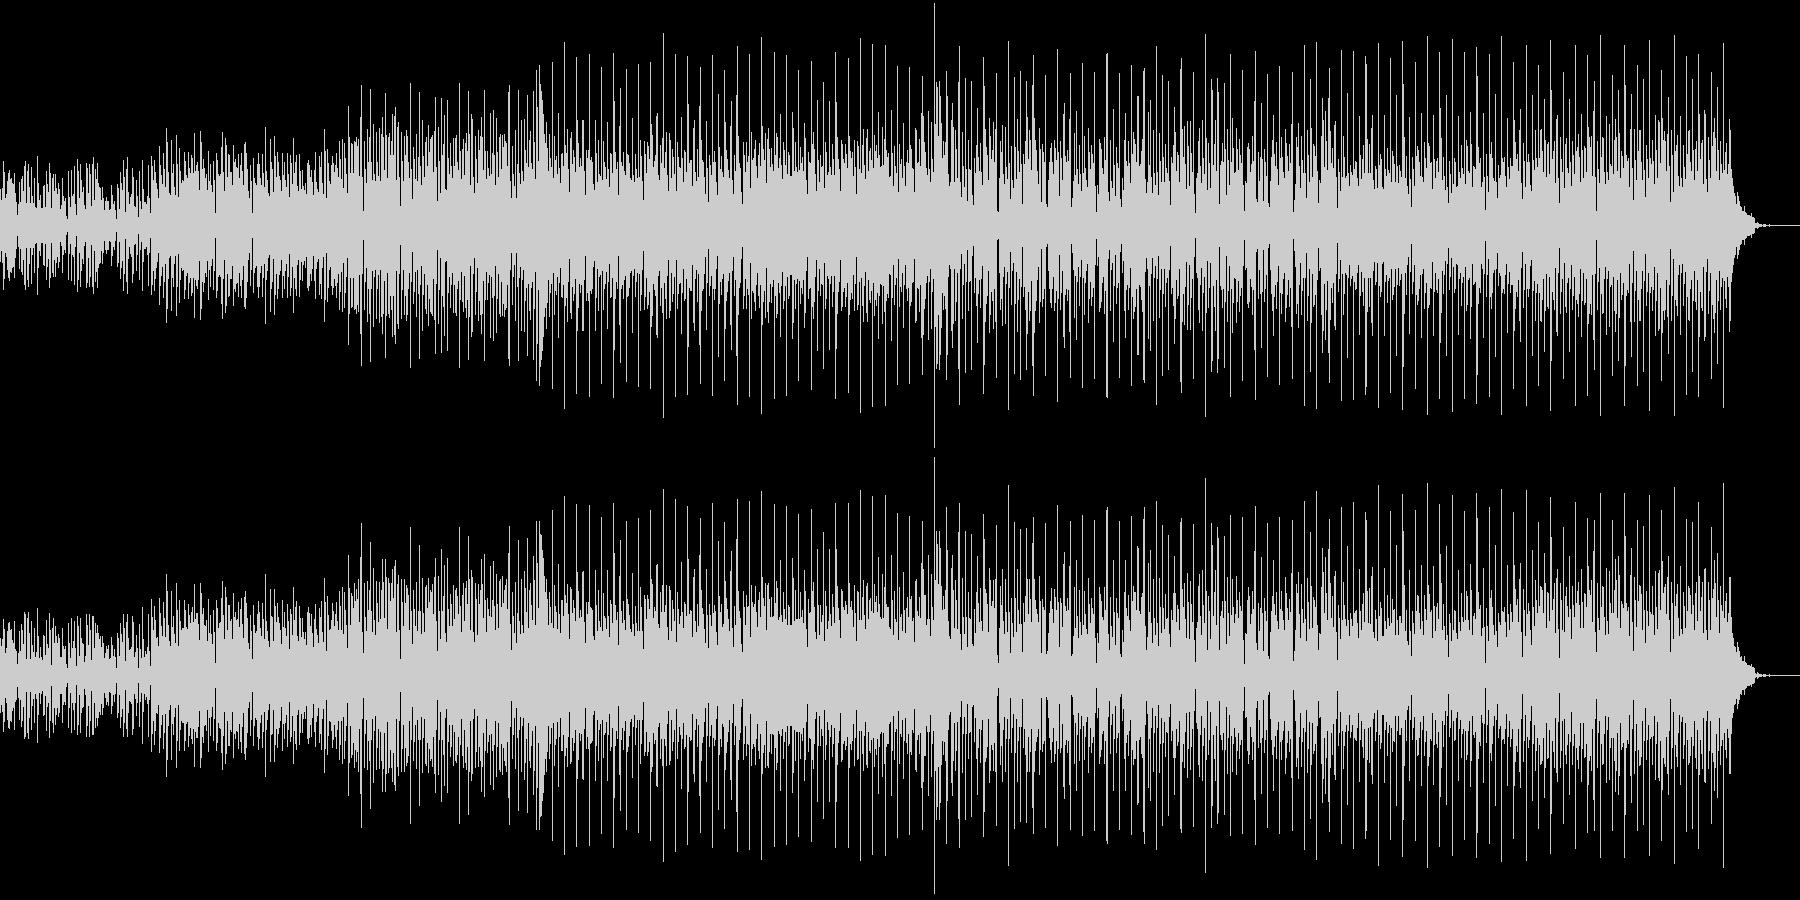 キャッチなメロディーのミディアムPOPSの未再生の波形